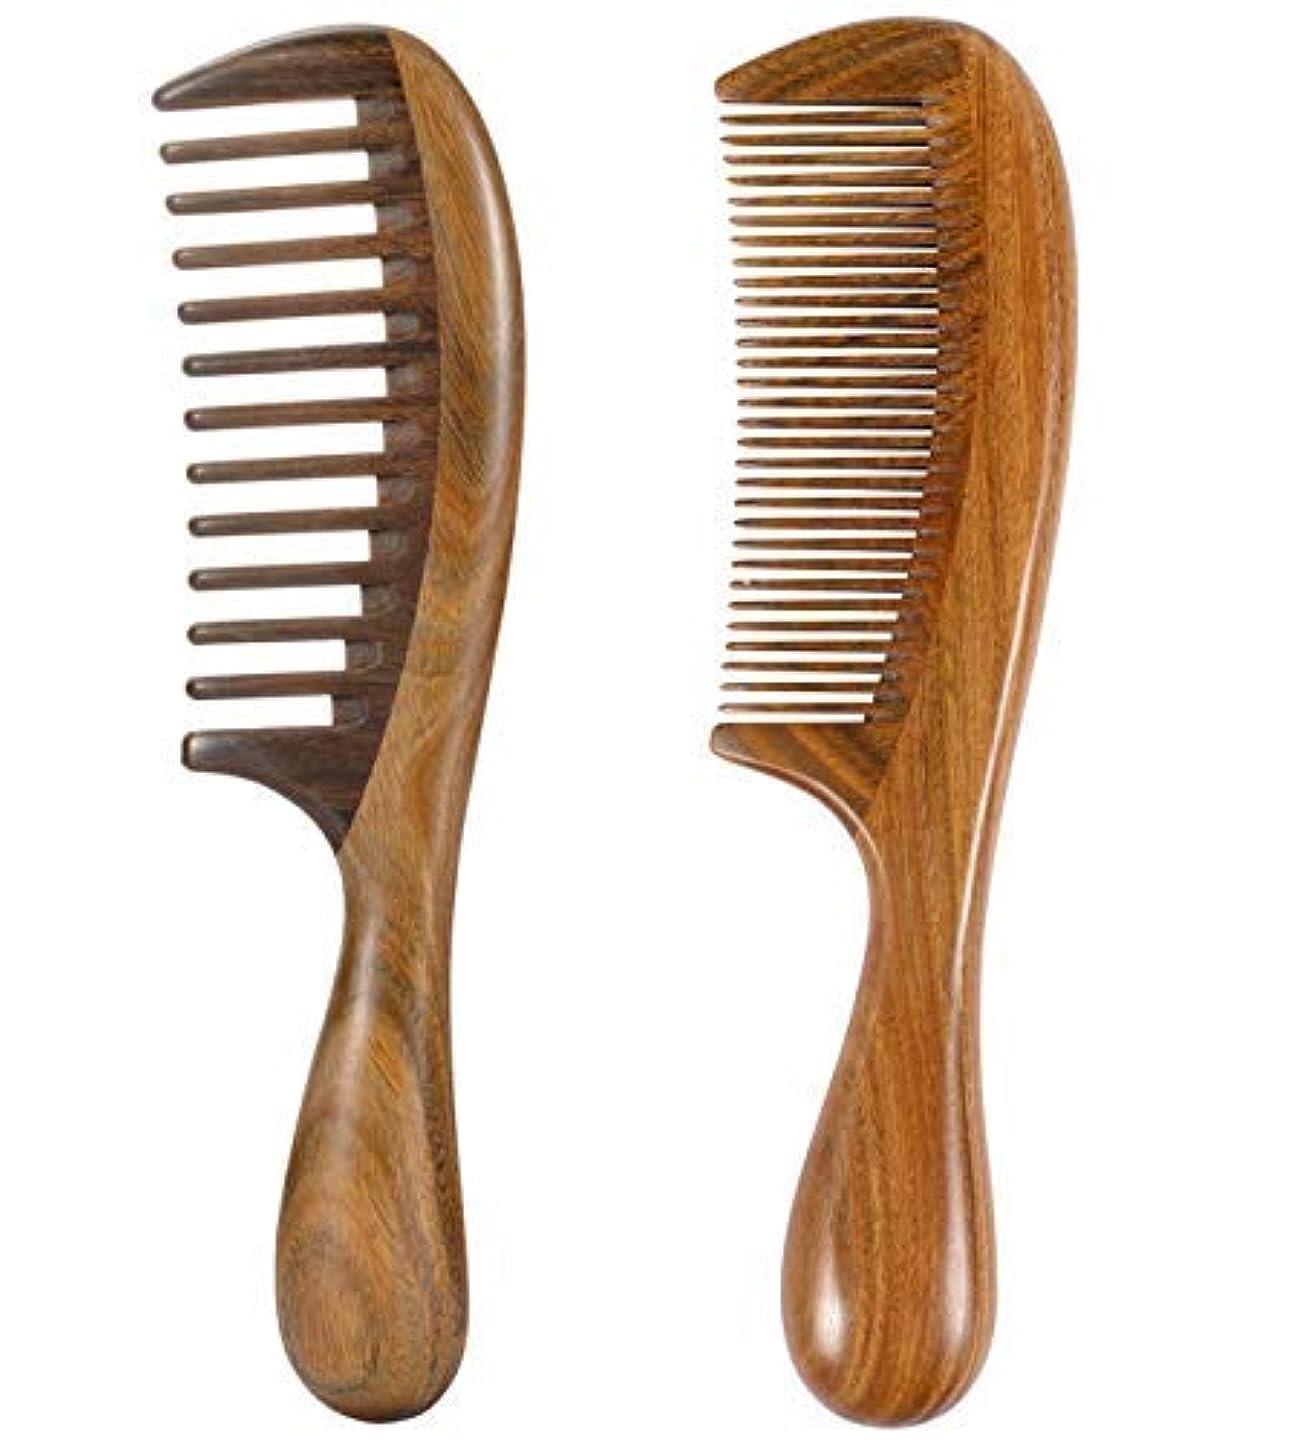 優れました押し下げる不要iPang 2pcs Wooden Hair Comb Wide Tooth Comb and Find Tooth Comb Detangling Sandalwood Comb [並行輸入品]